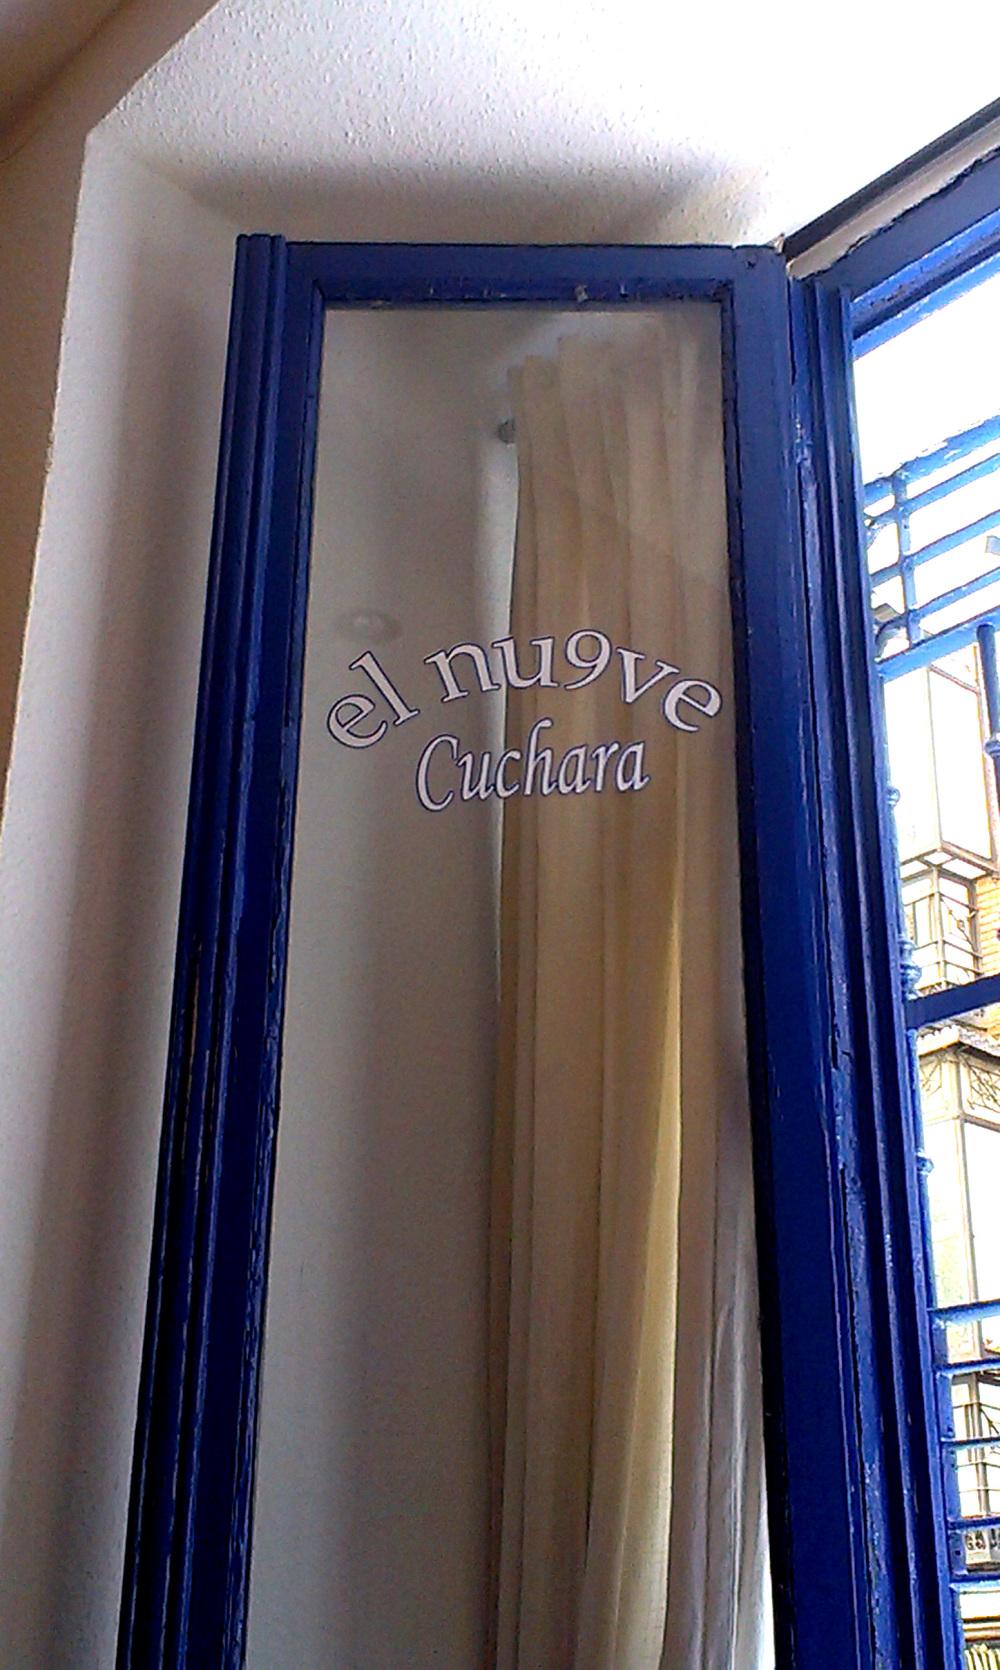 Restaurante El Nueve